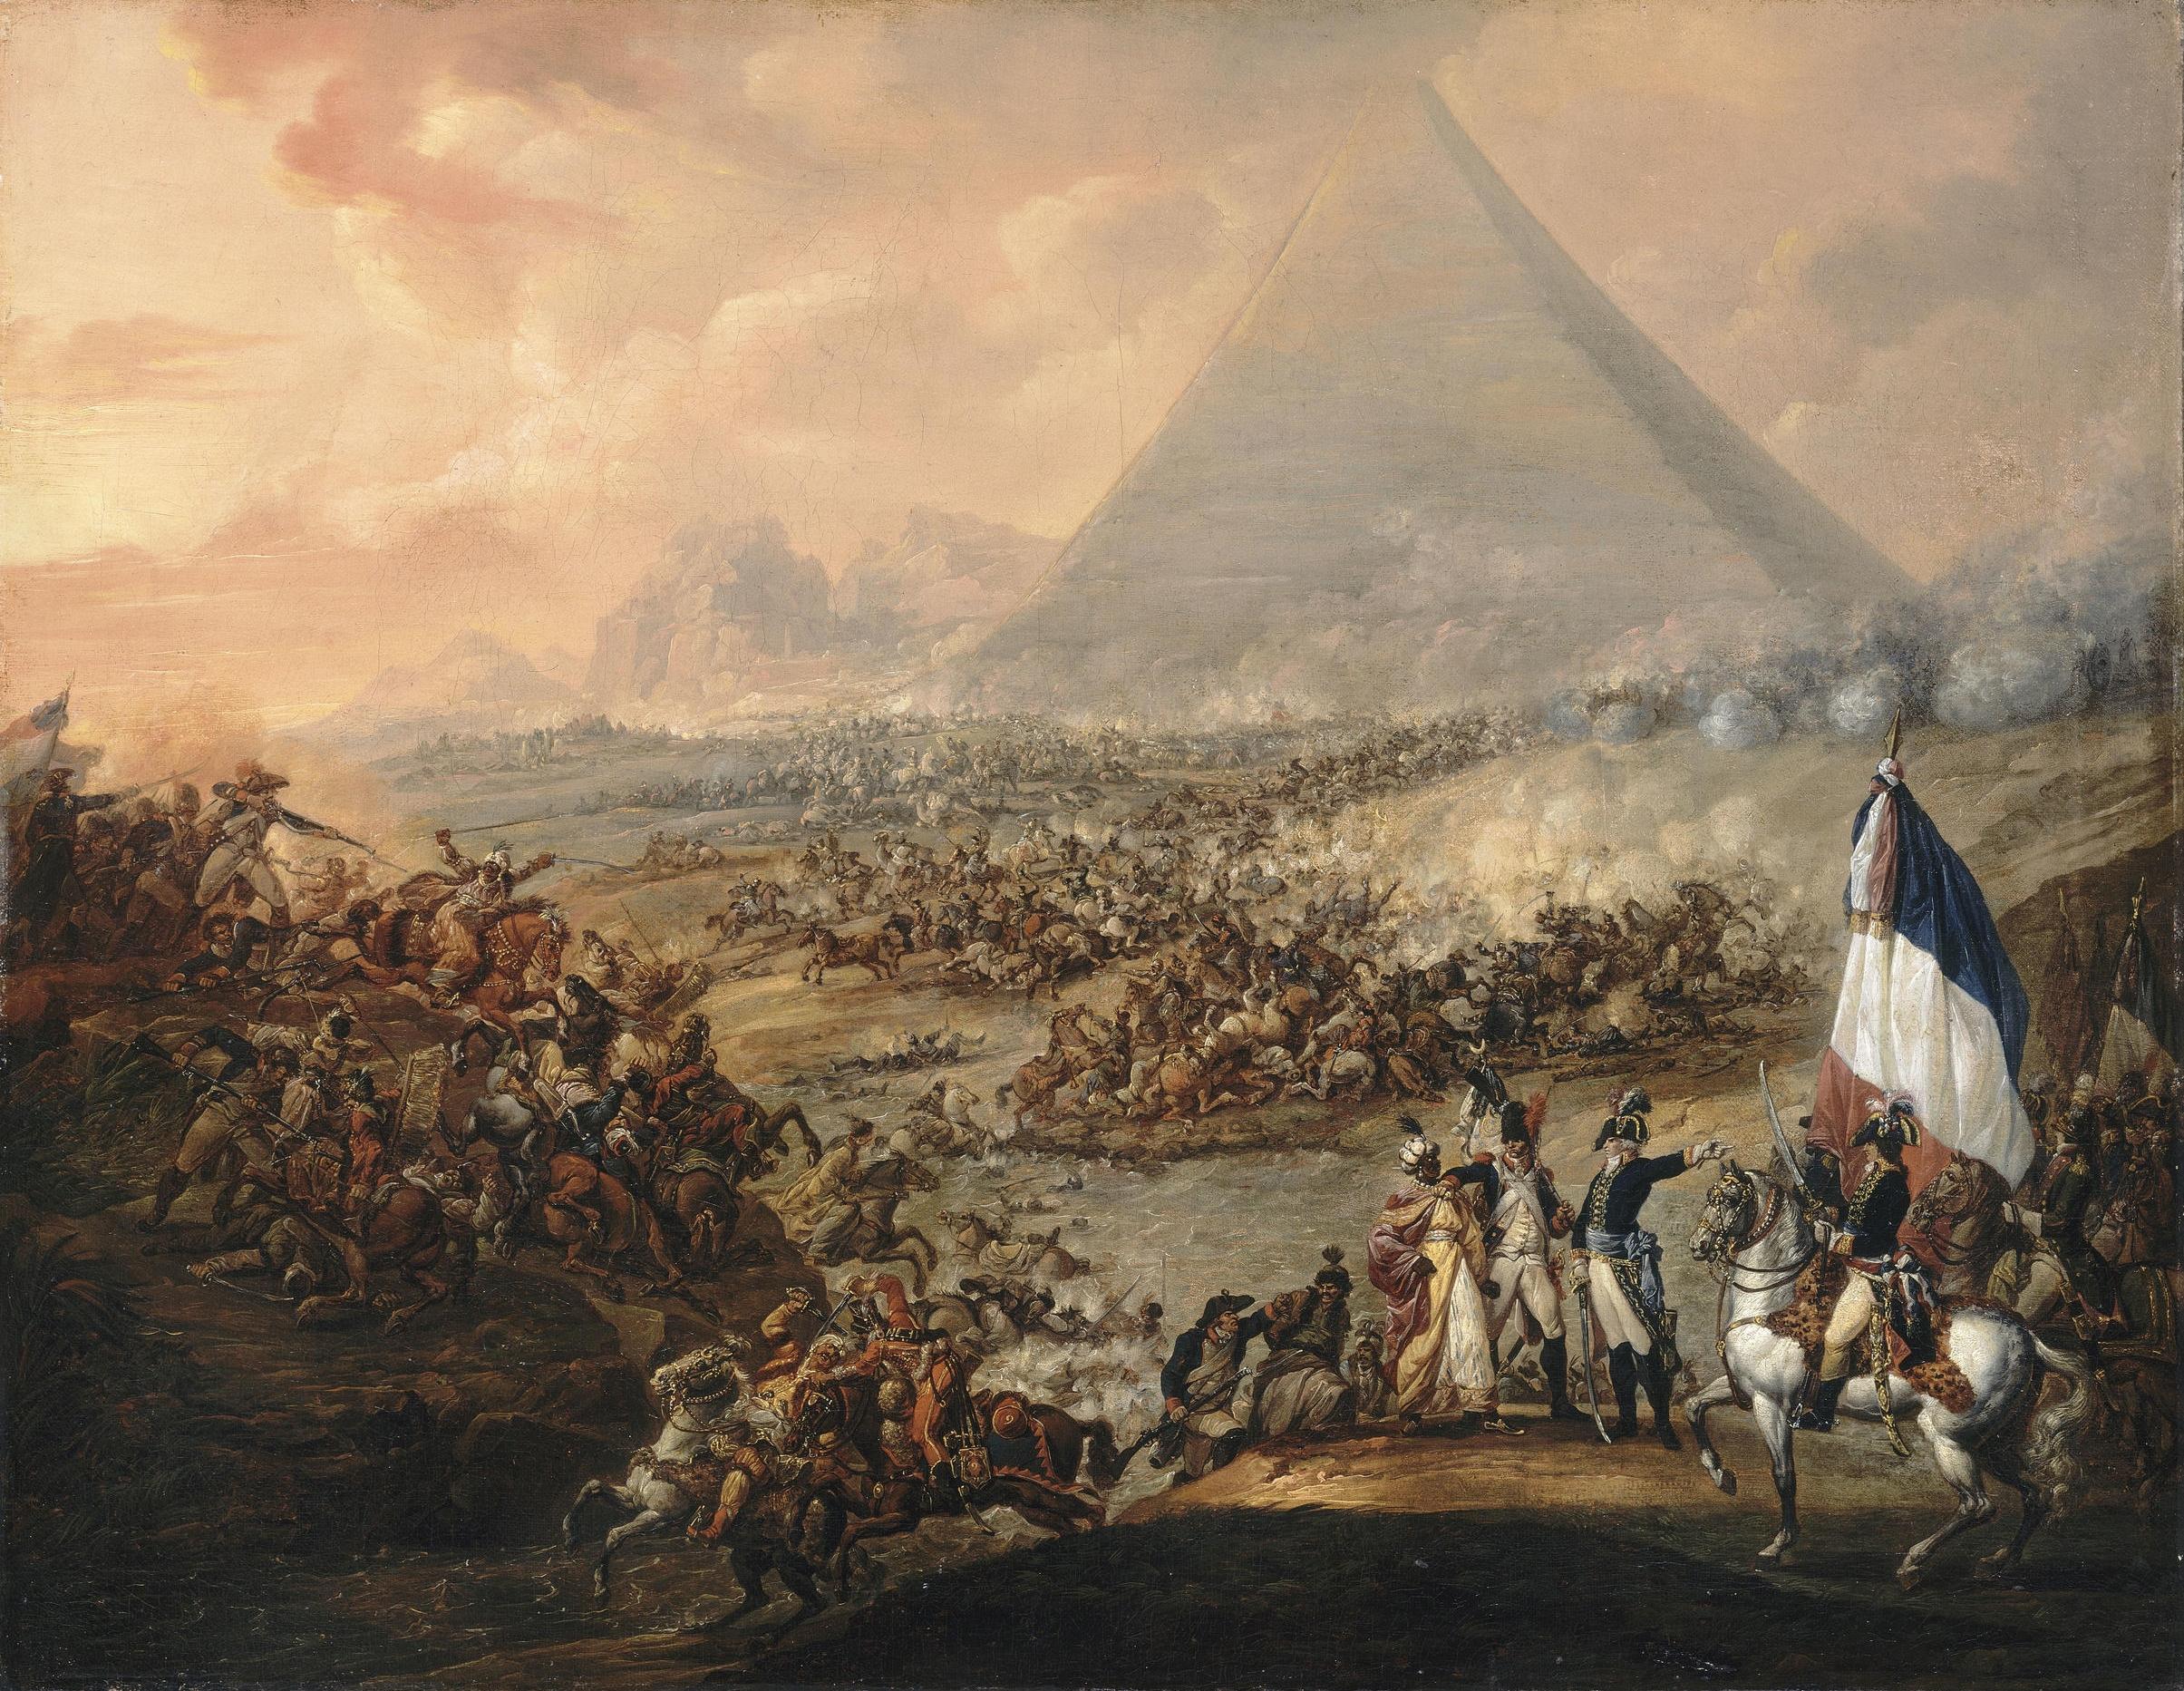 http://upload.wikimedia.org/wikipedia/commons/2/29/Francois-Louis-Joseph_Watteau_001.jpg